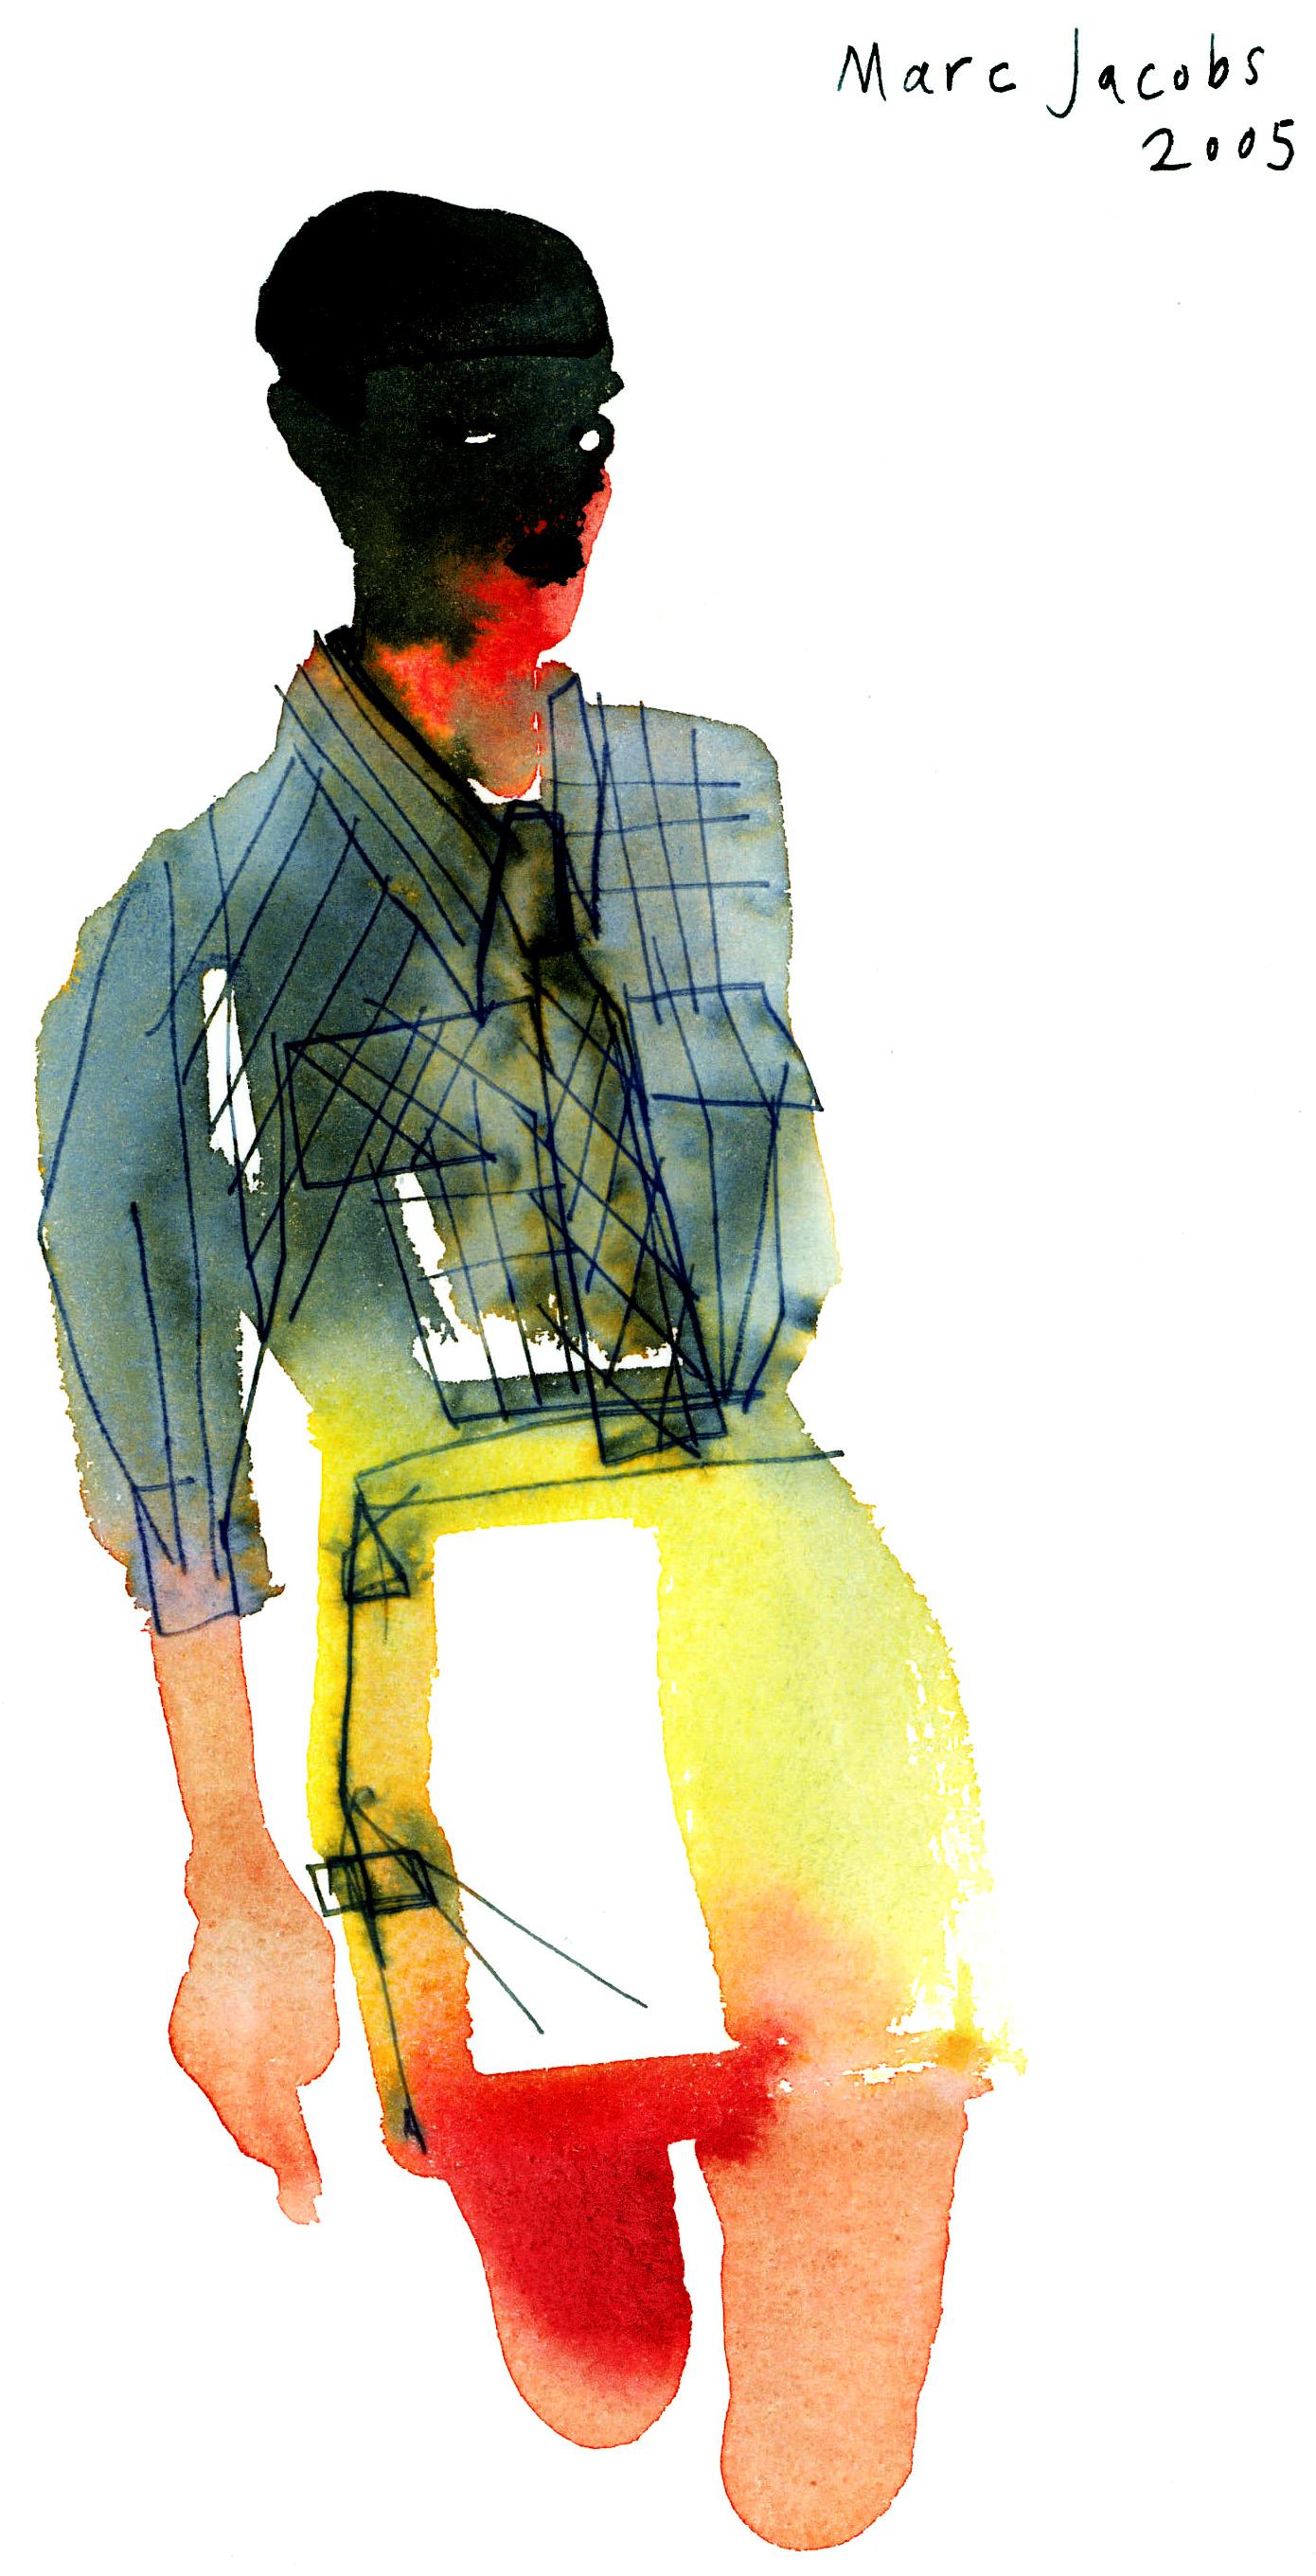 Kopia-av-mode16_20051.jpg